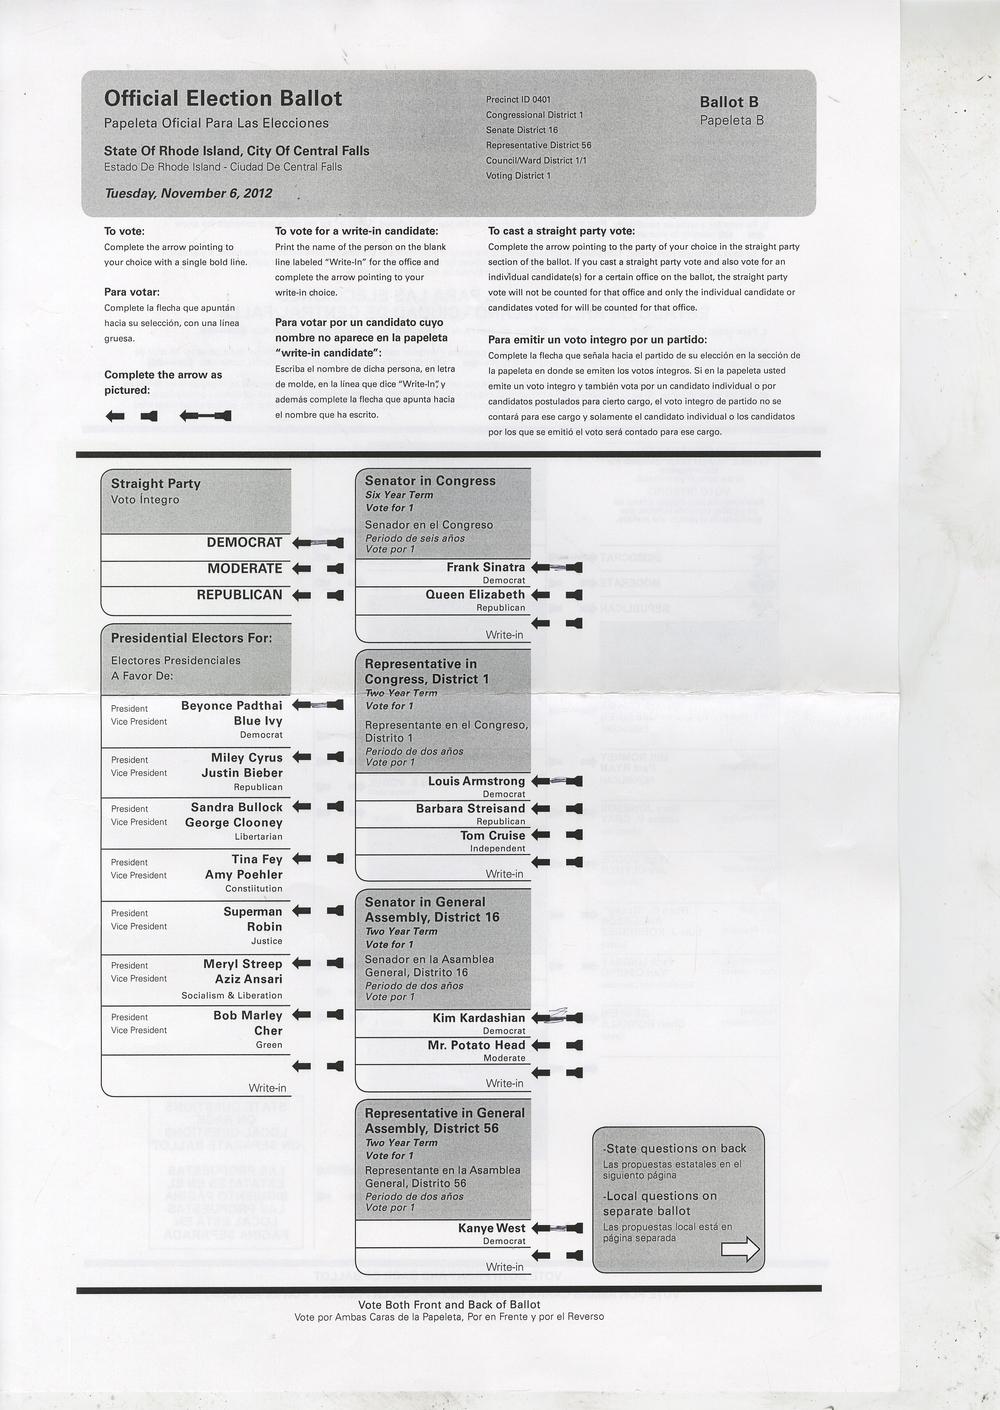 ballot15.jpg